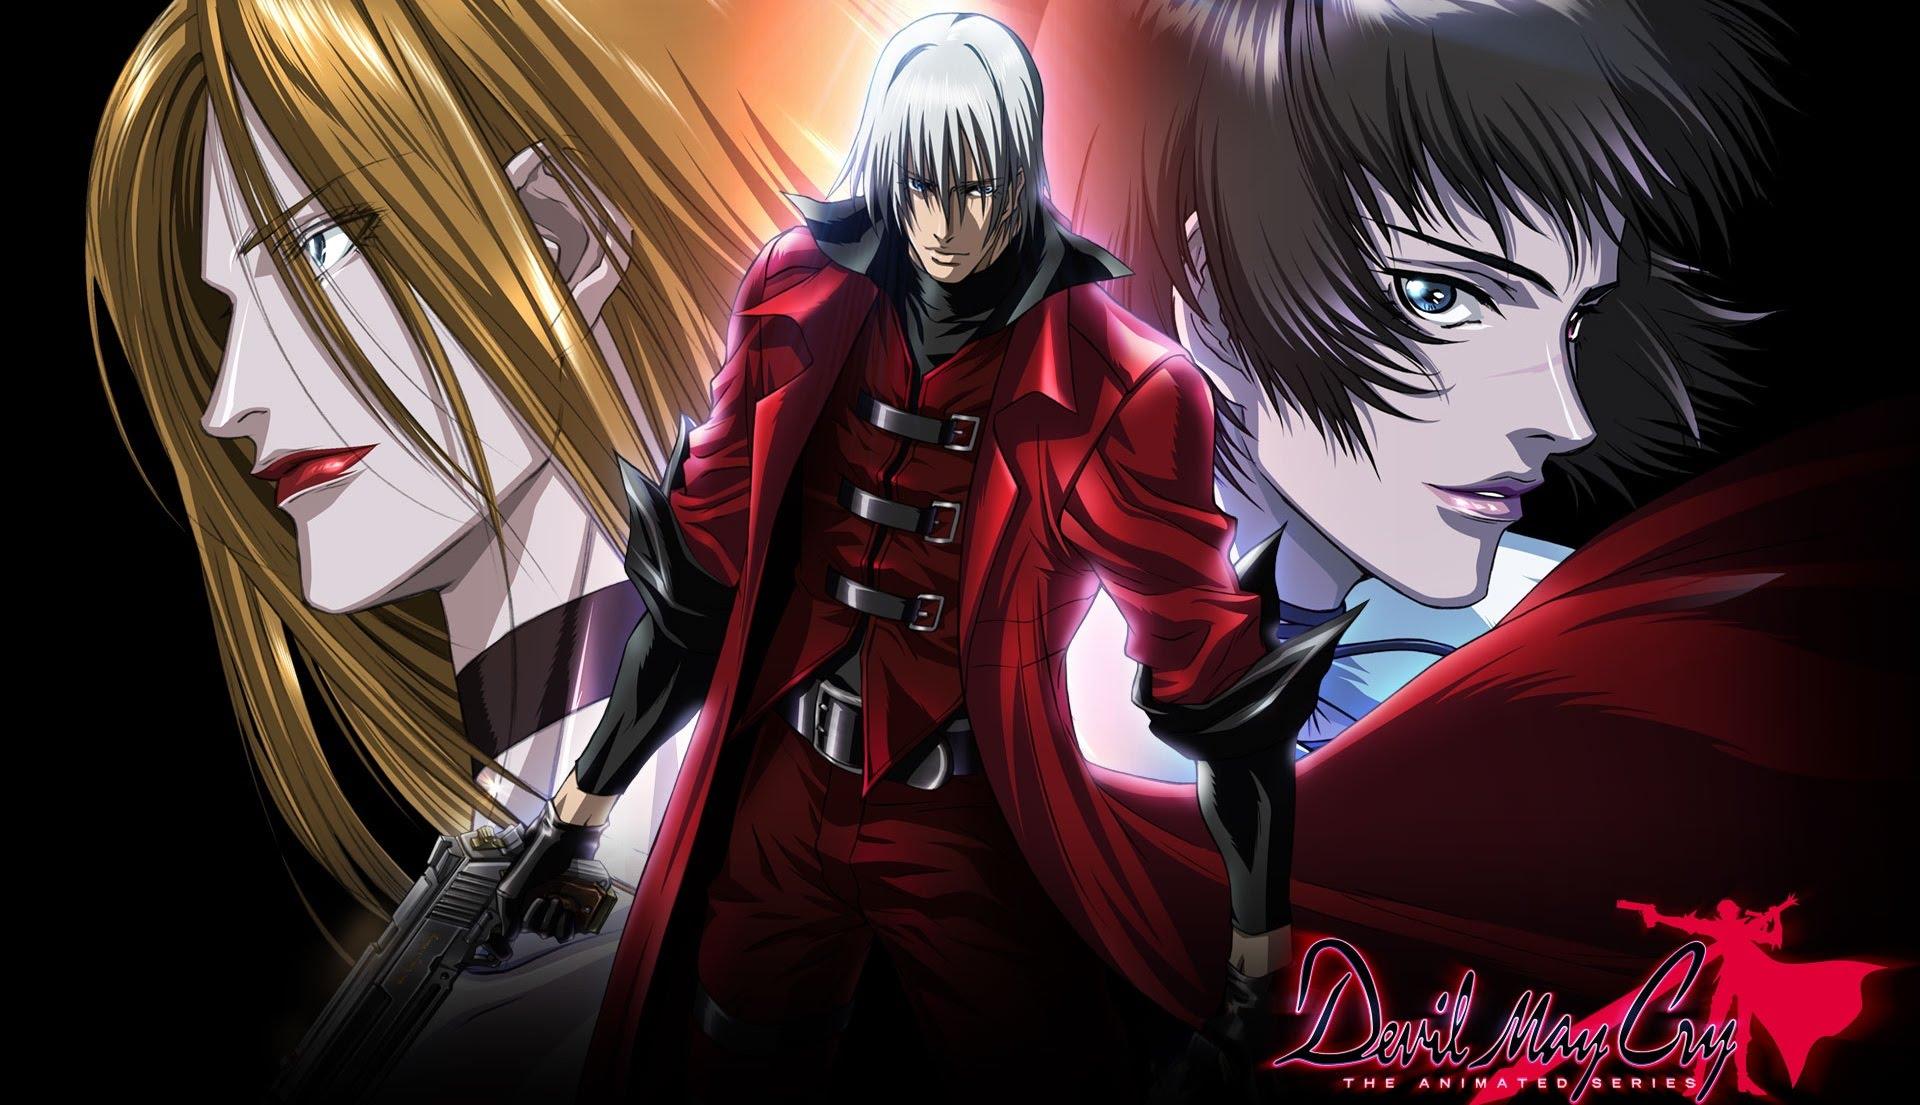 Risultati immagini per devil may cry anime